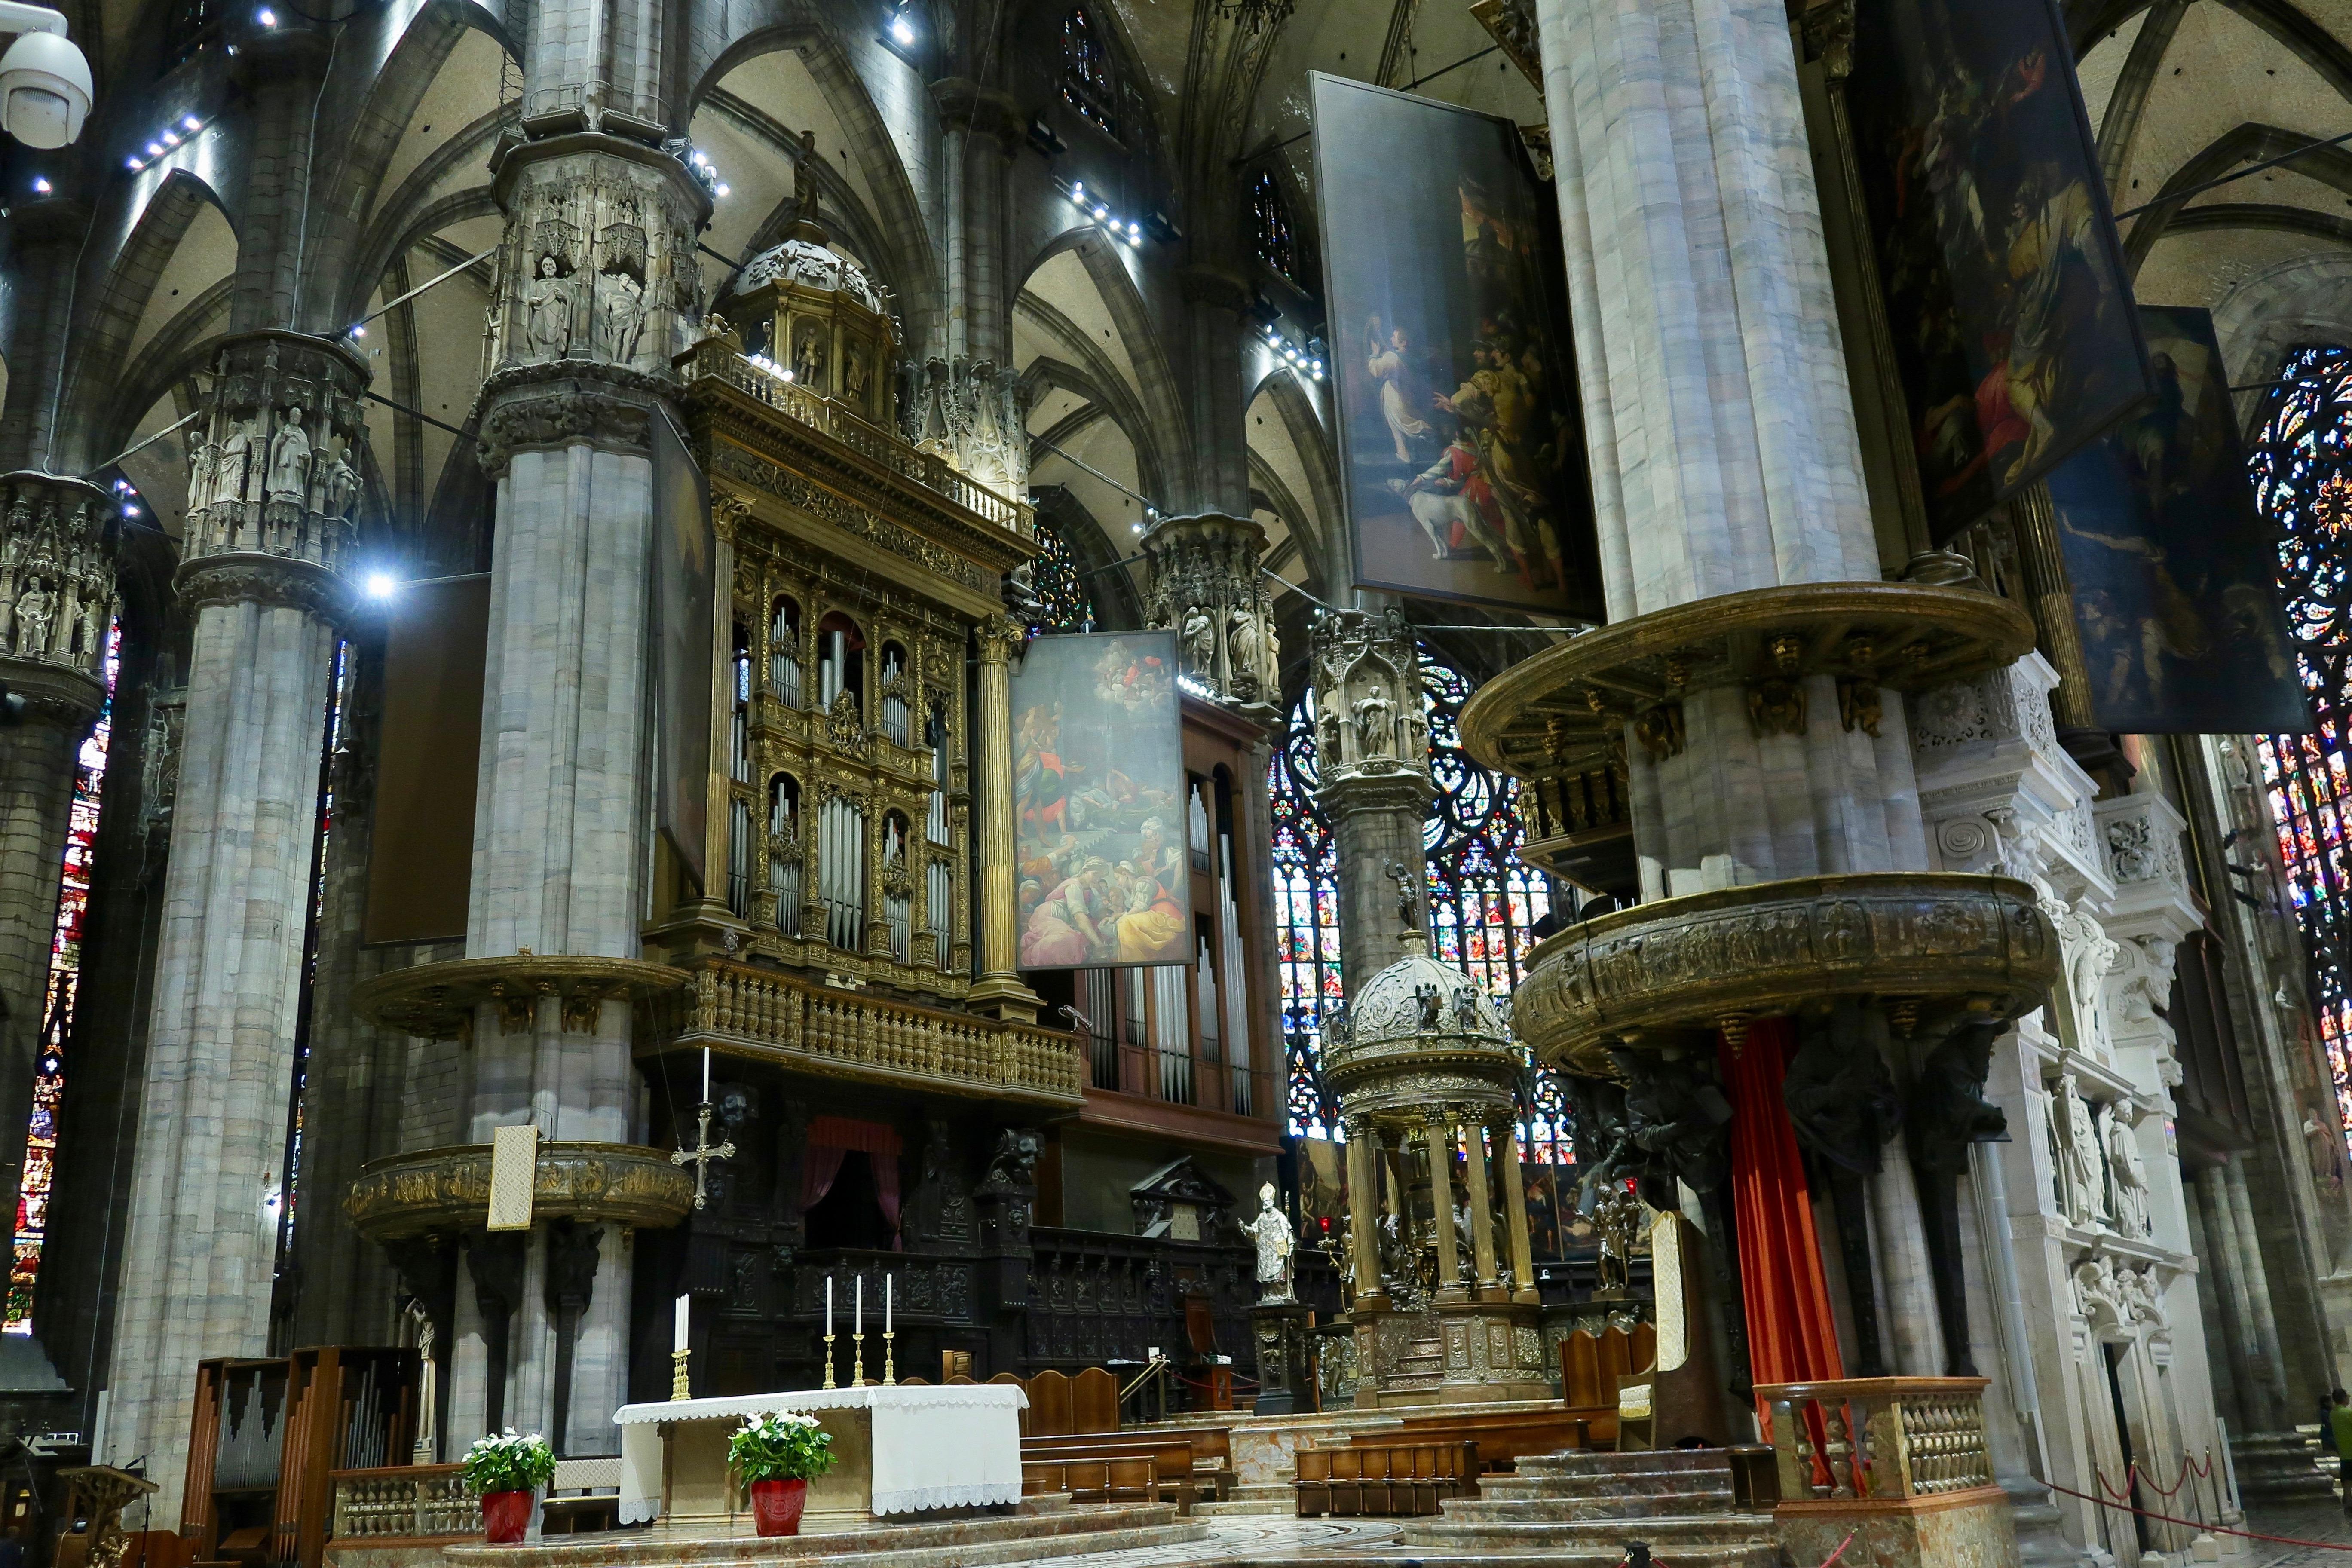 Mailand: das Dominnere mit der Orgel, der Kanzel, der Tabernakel und dem Altar